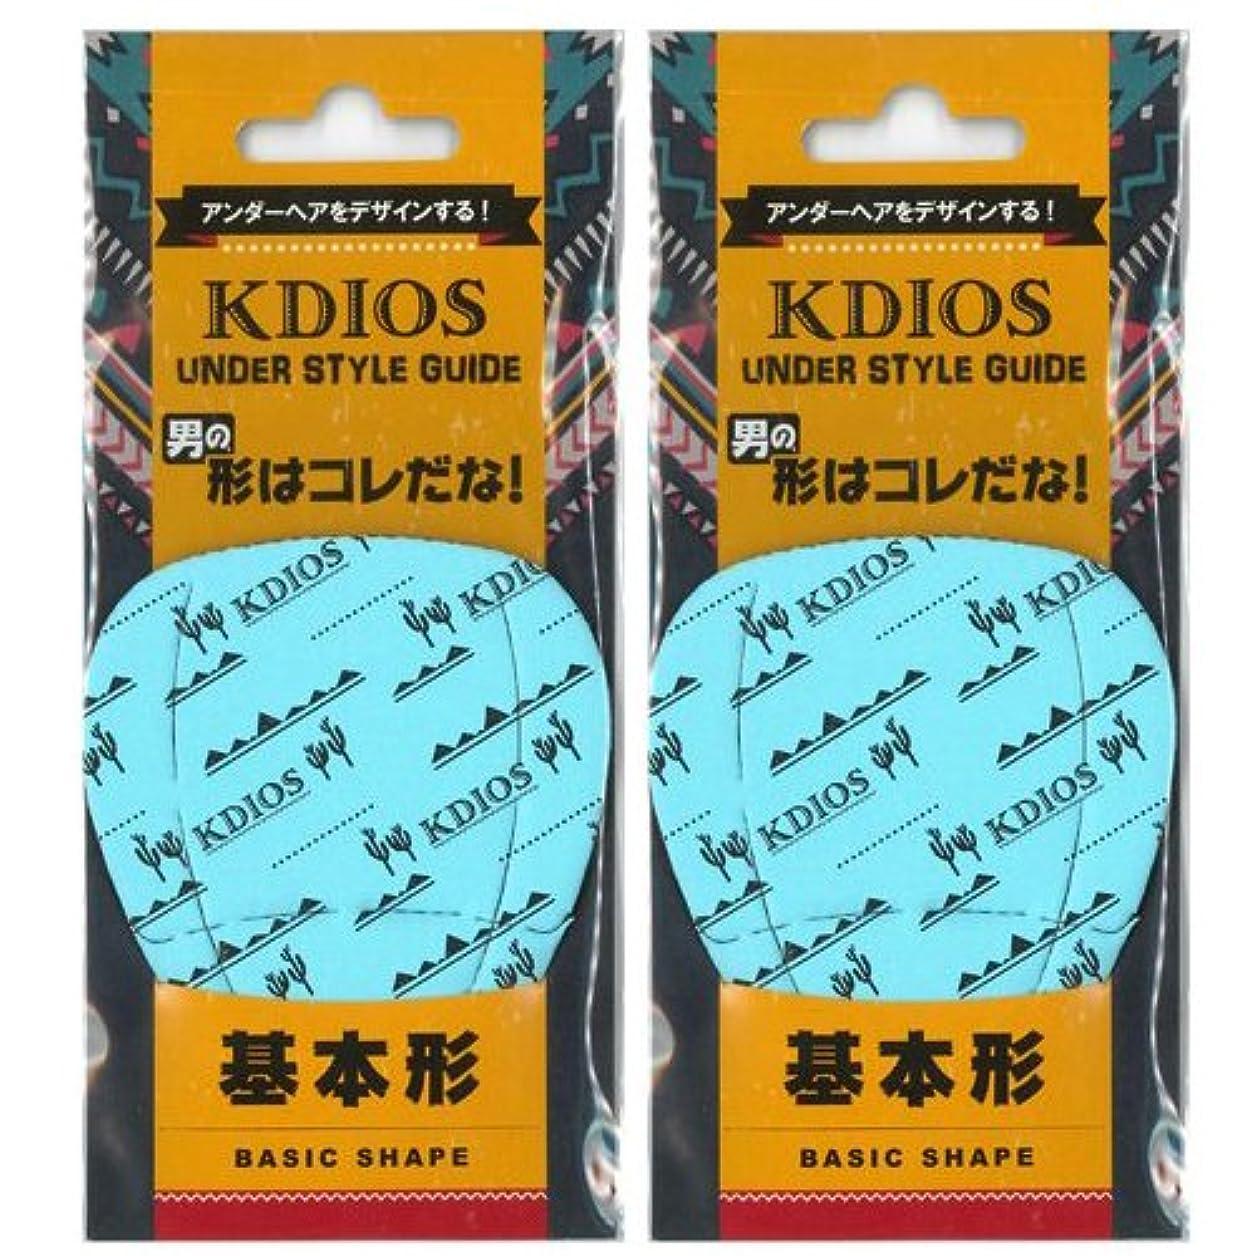 ファンドトレーダーバイバイKDIOS(ケディオス) アンダースタイルガイド 「基本形」 FOR MEN ×2個セット